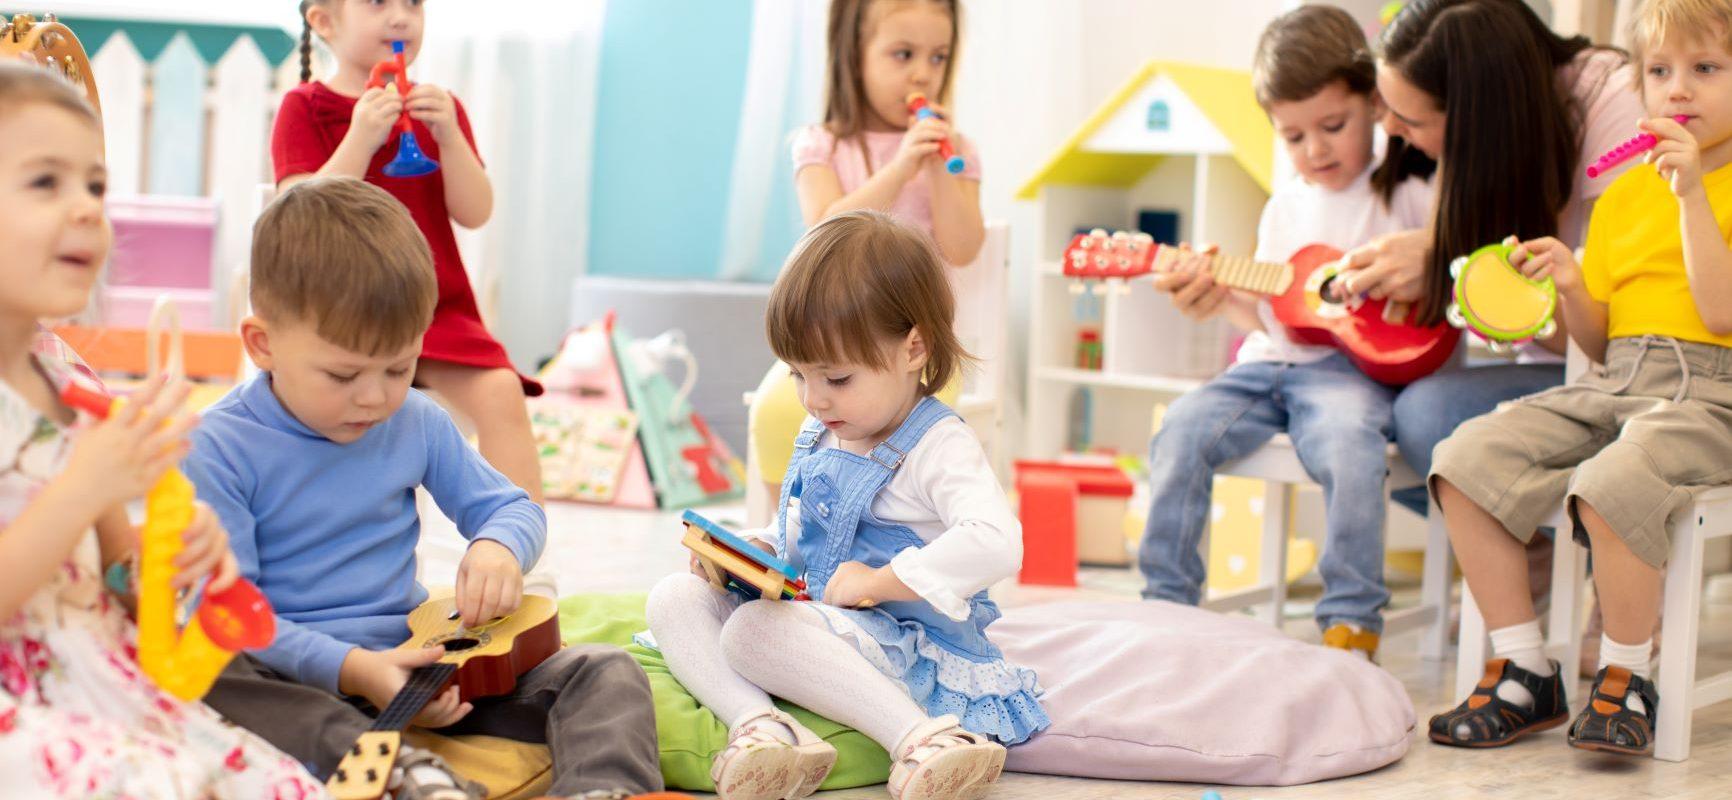 25 zabaw dla dzieci w wieku przedszkolnym.